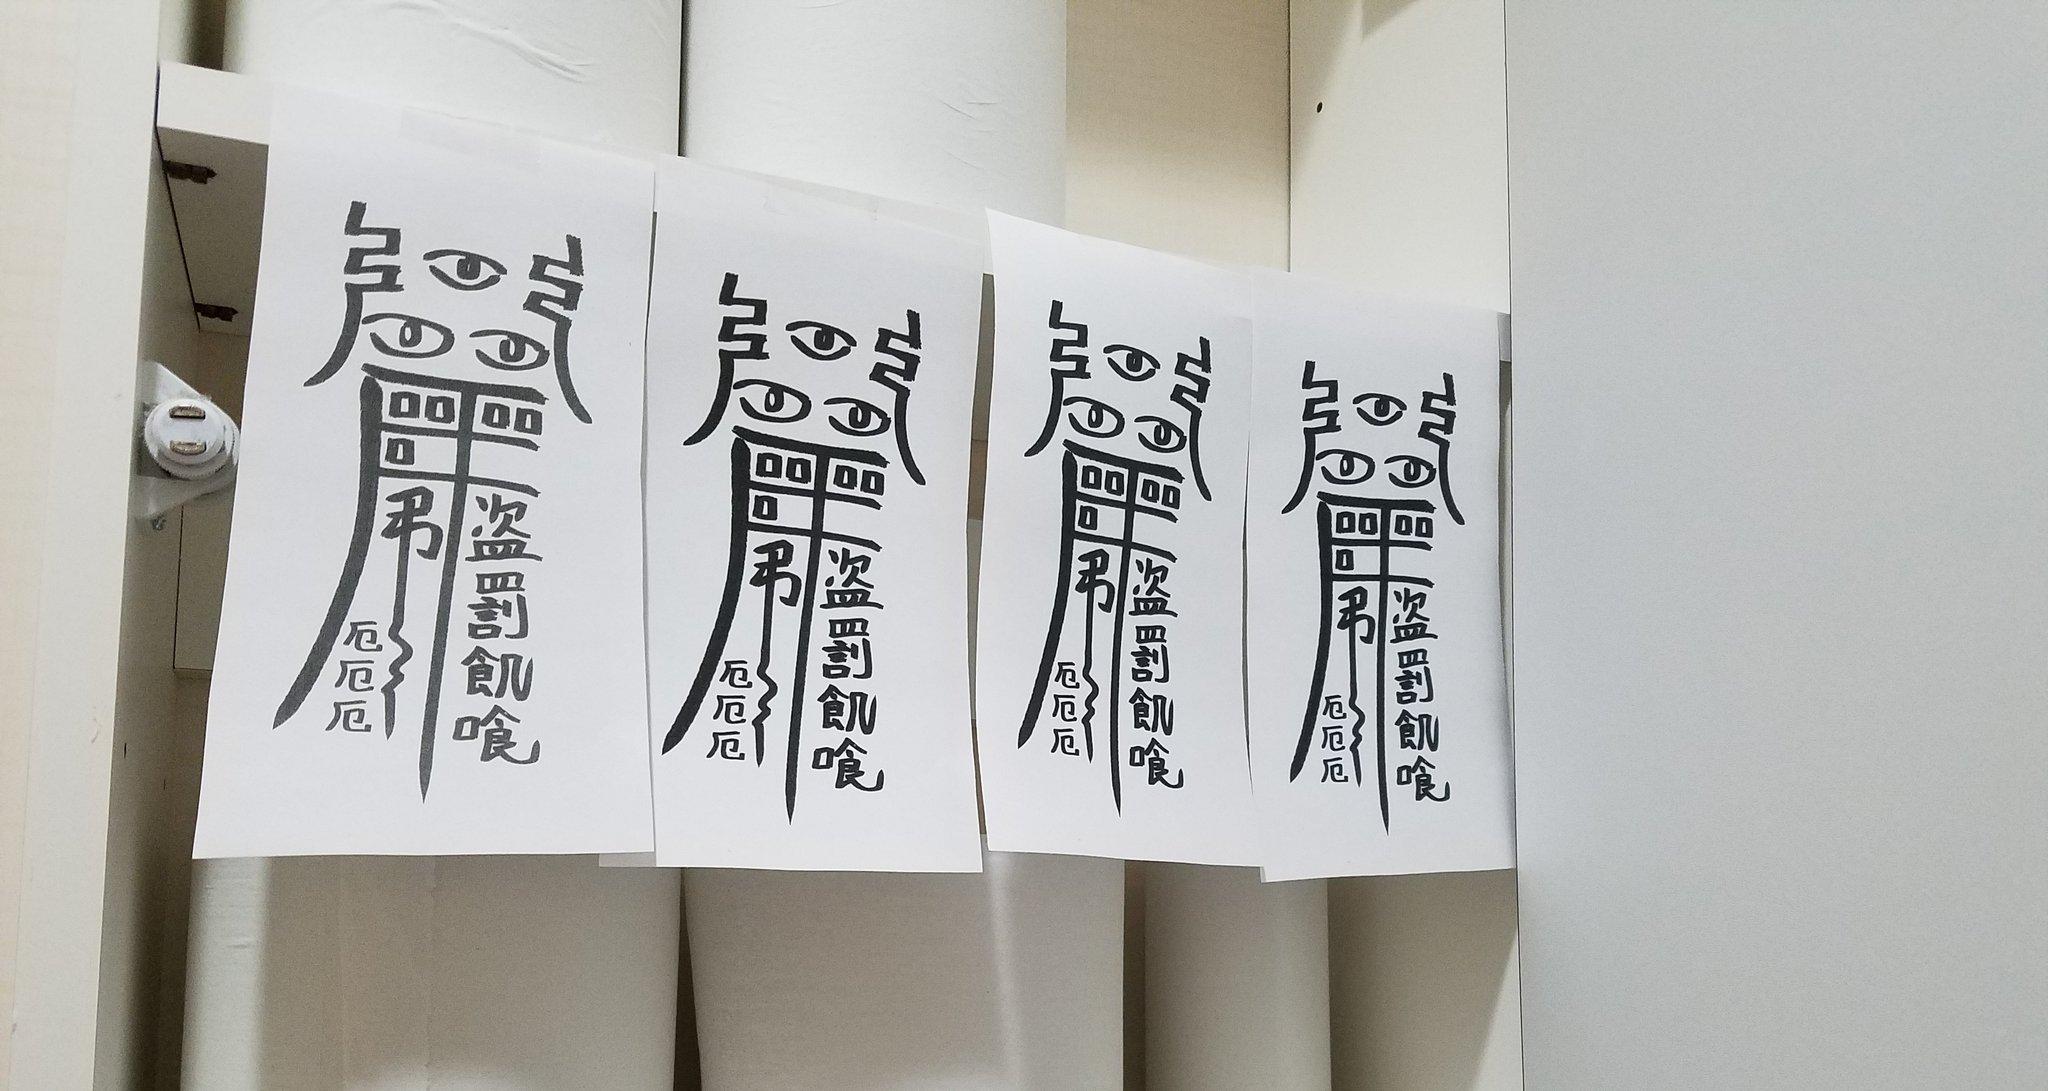 Japan toilet paper curse